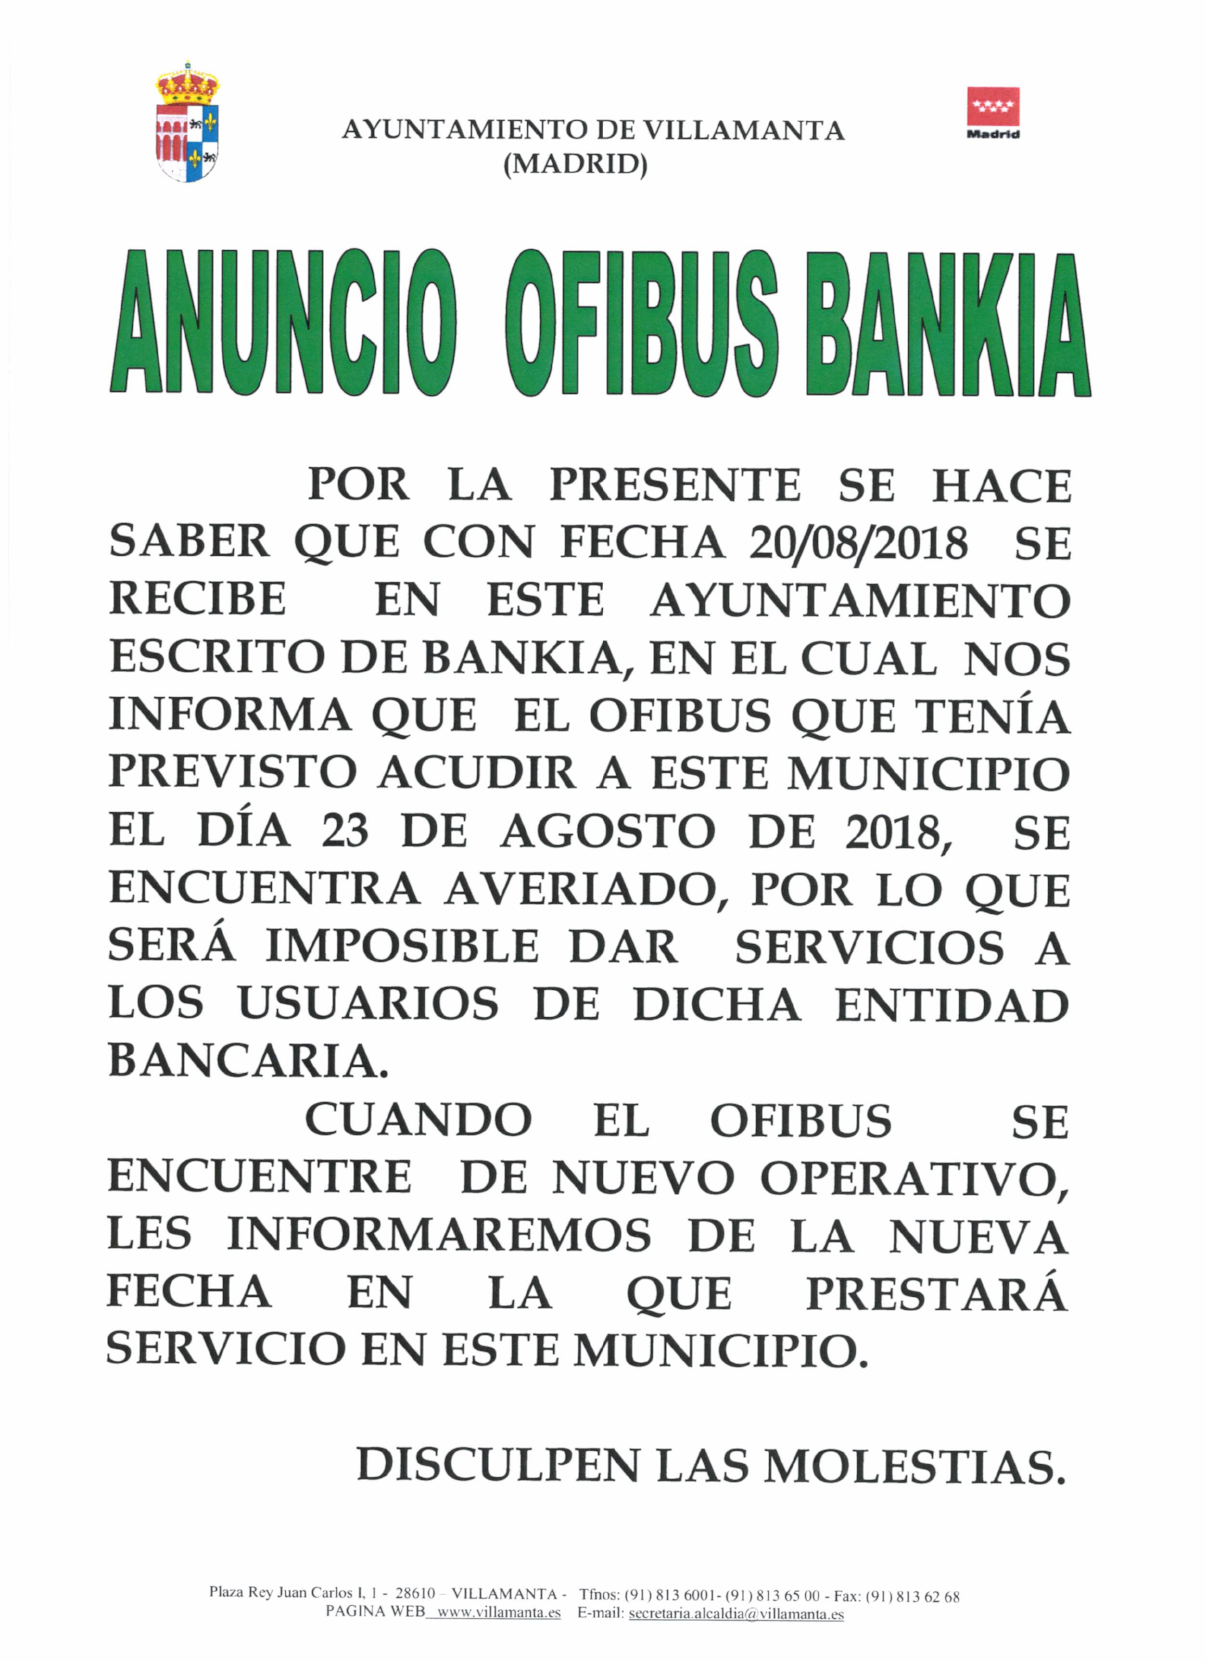 Avería en ofibus Bankia, no prestará servicio